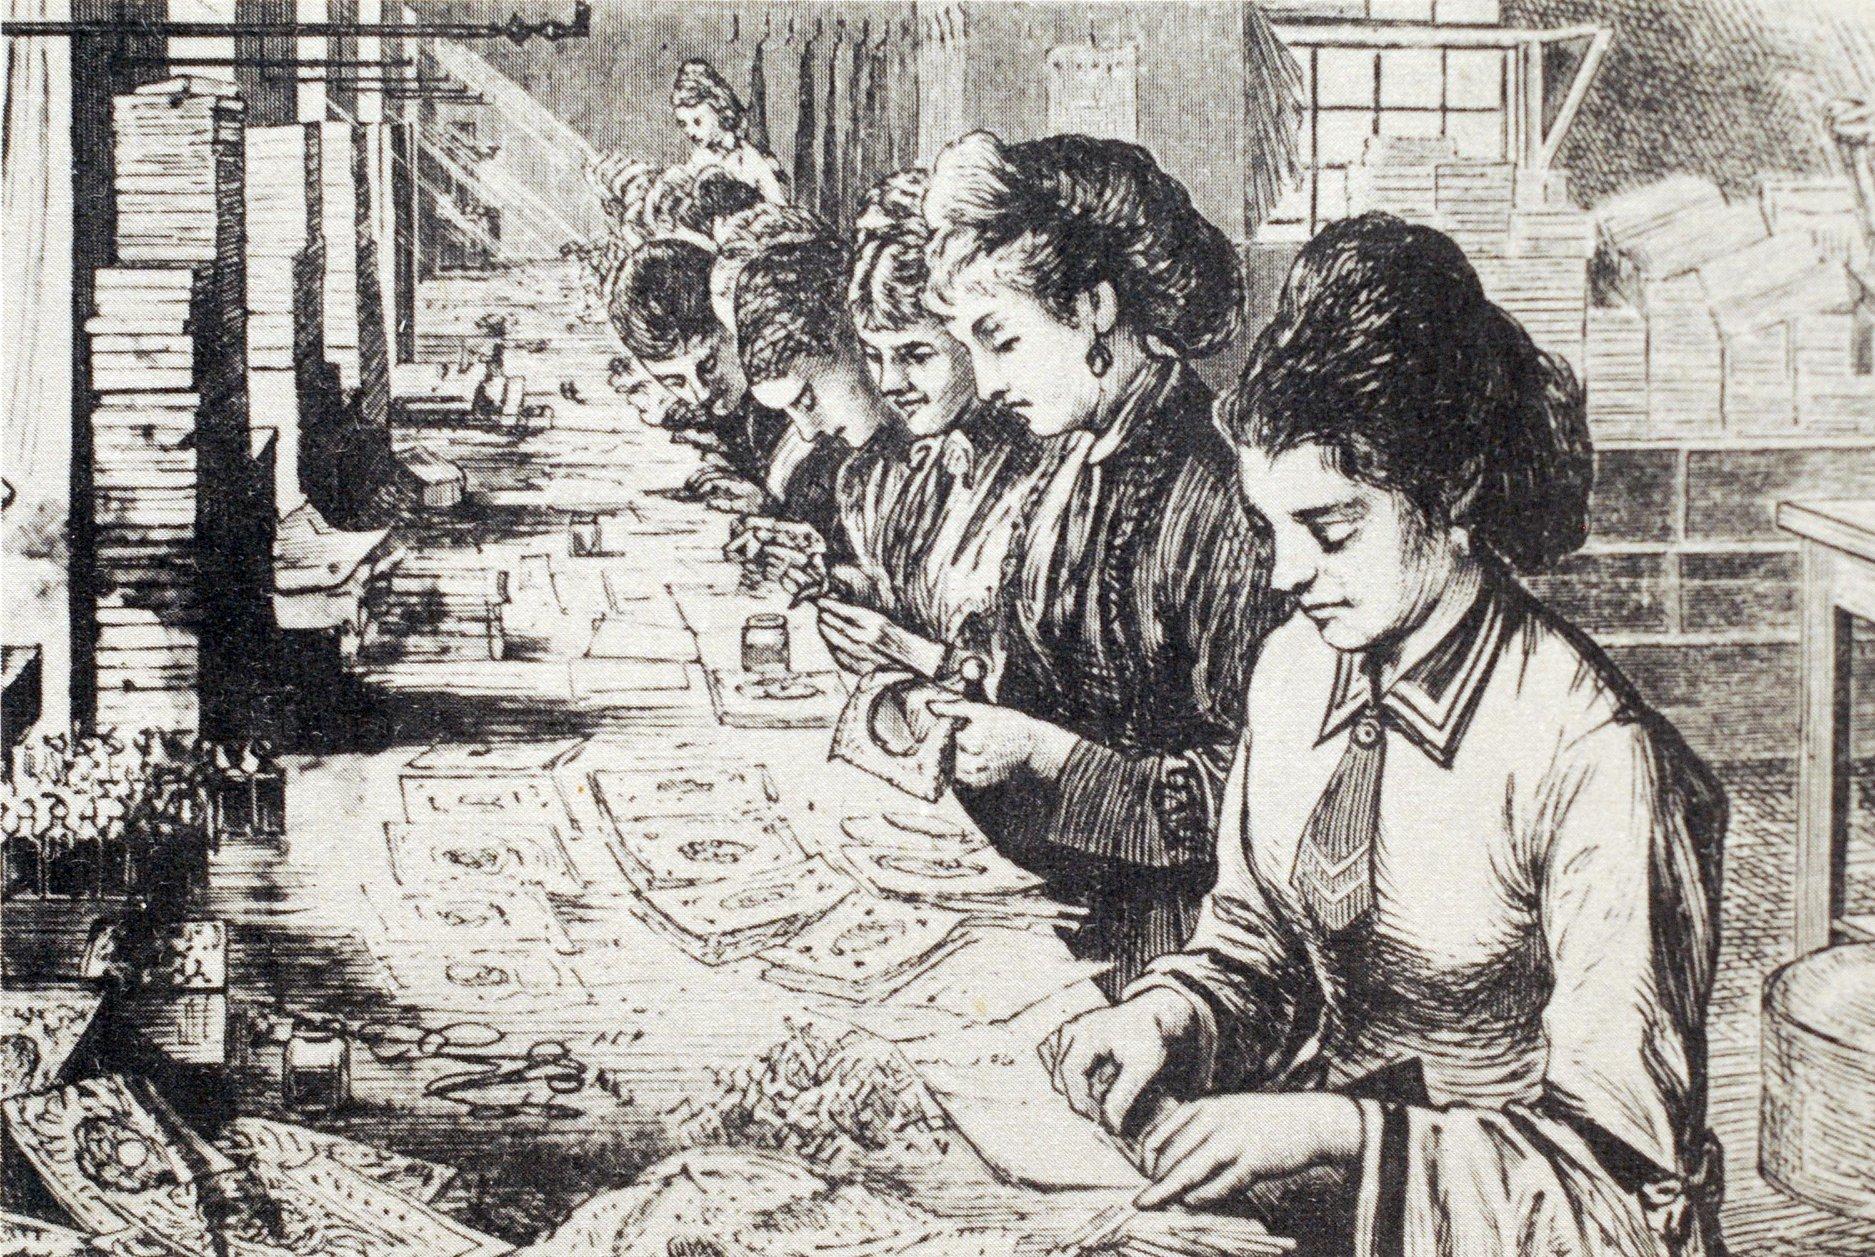 Valentin-napi képeslapokat készítő munkásnők Esther Howland műhelyében